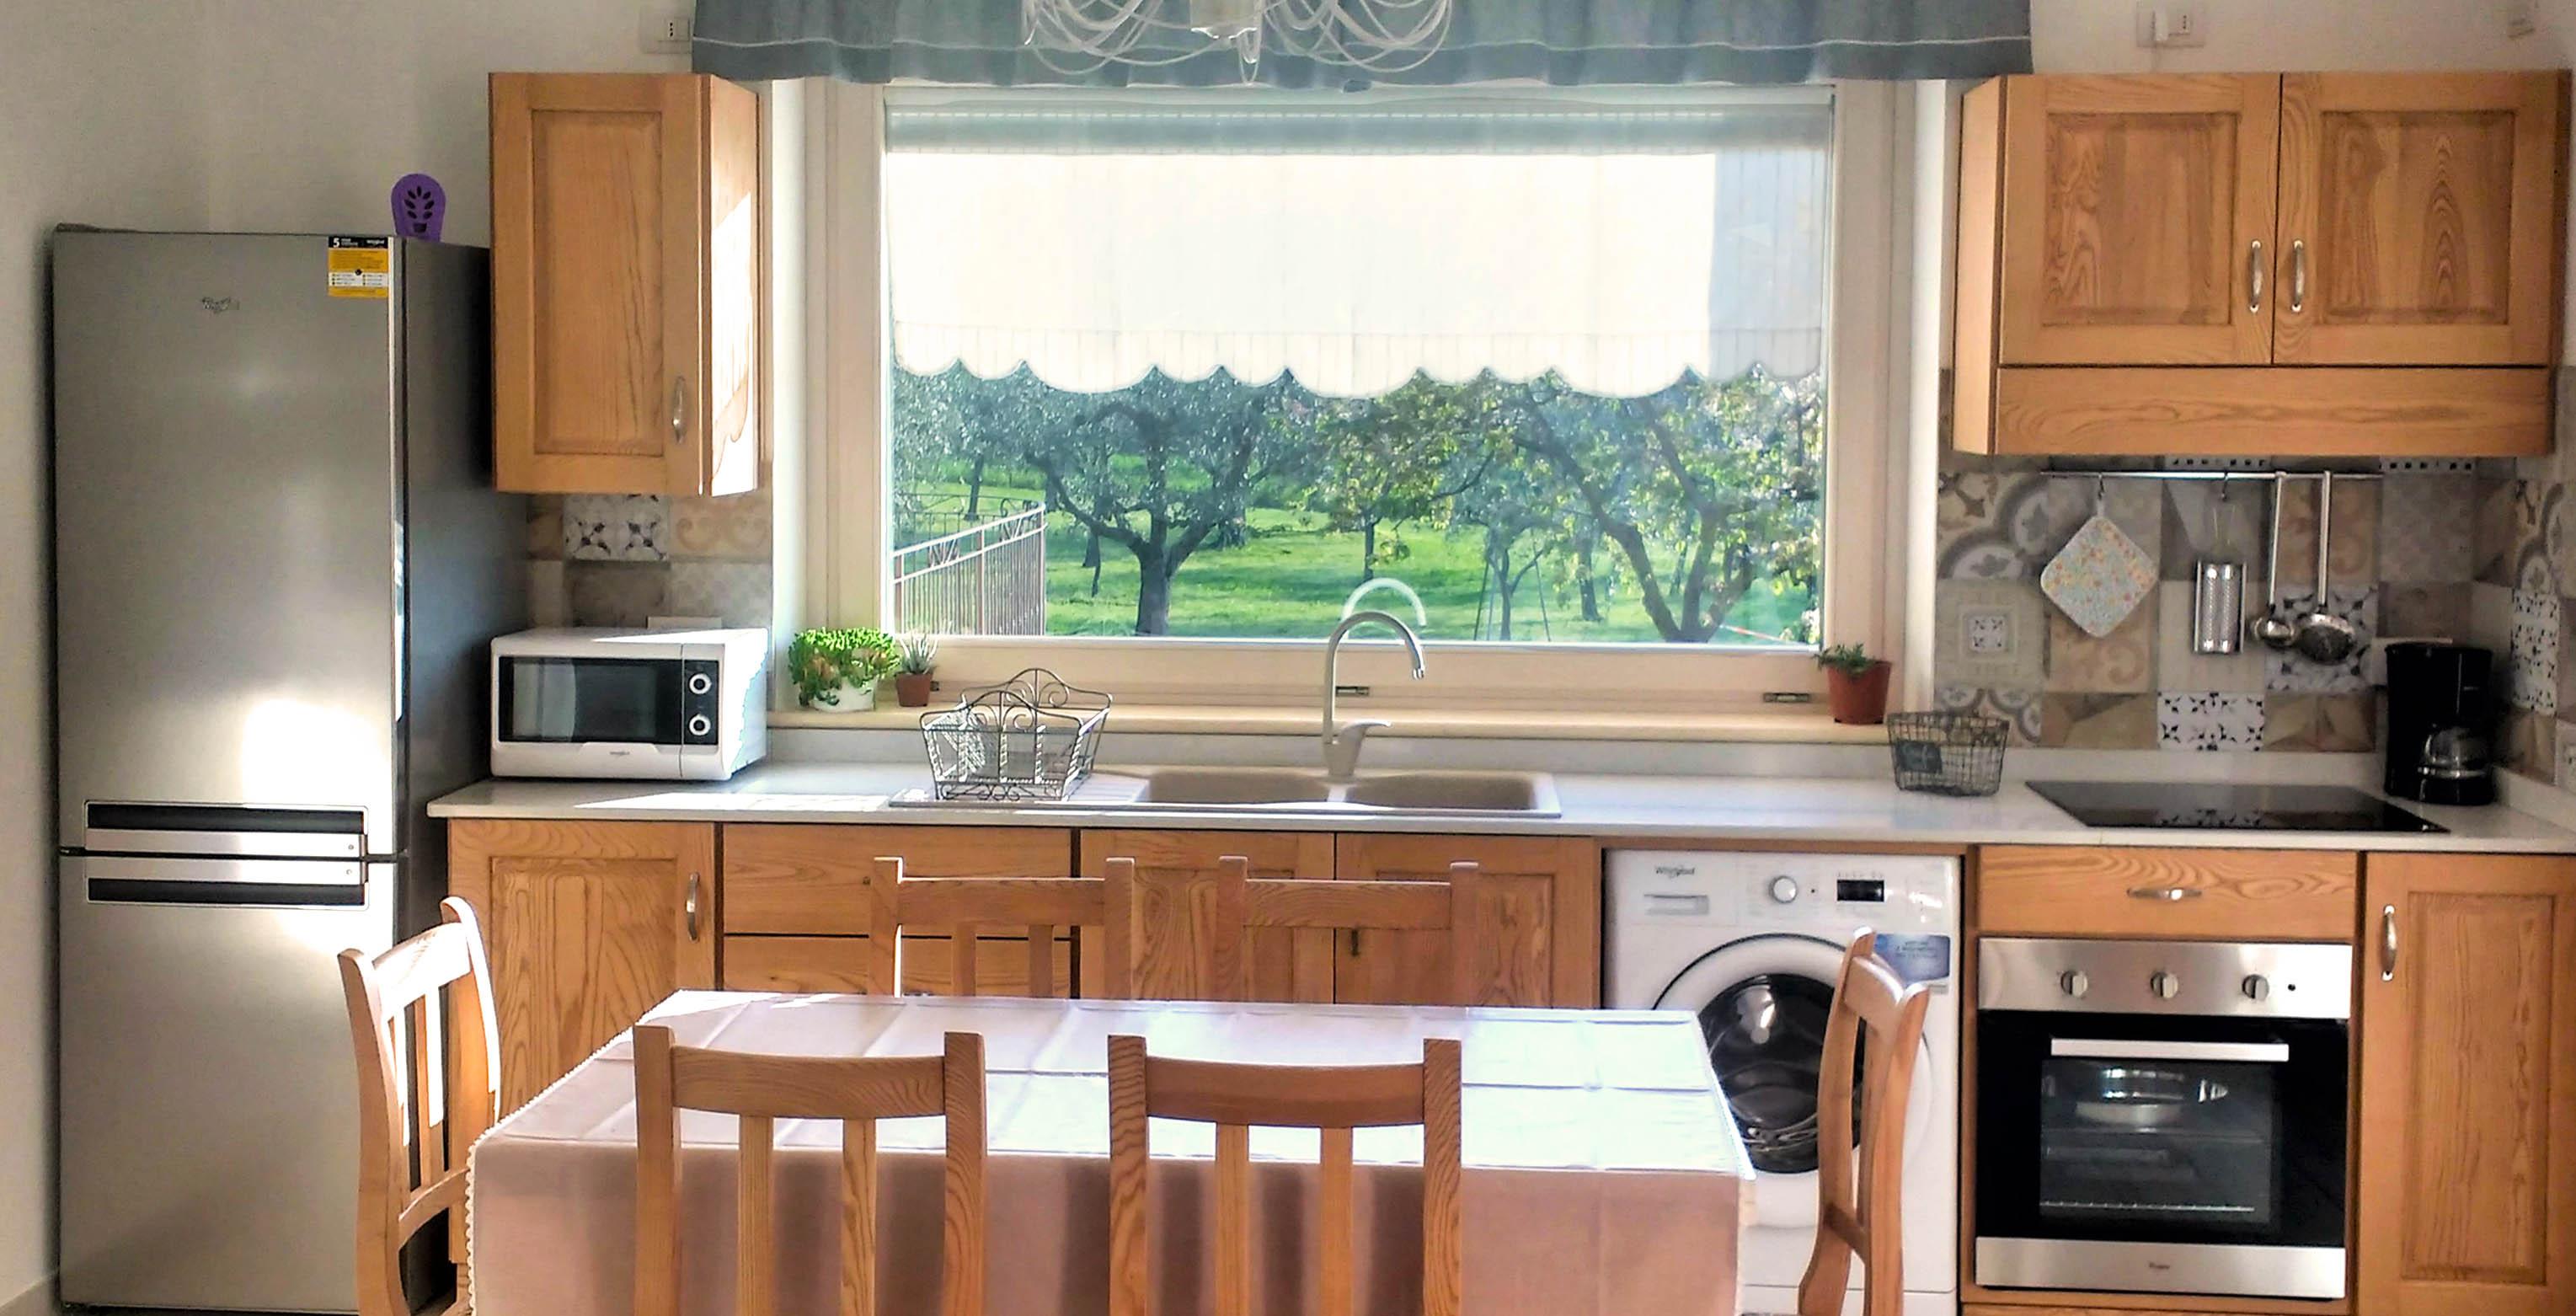 cucina-su-misura-in-legno-1